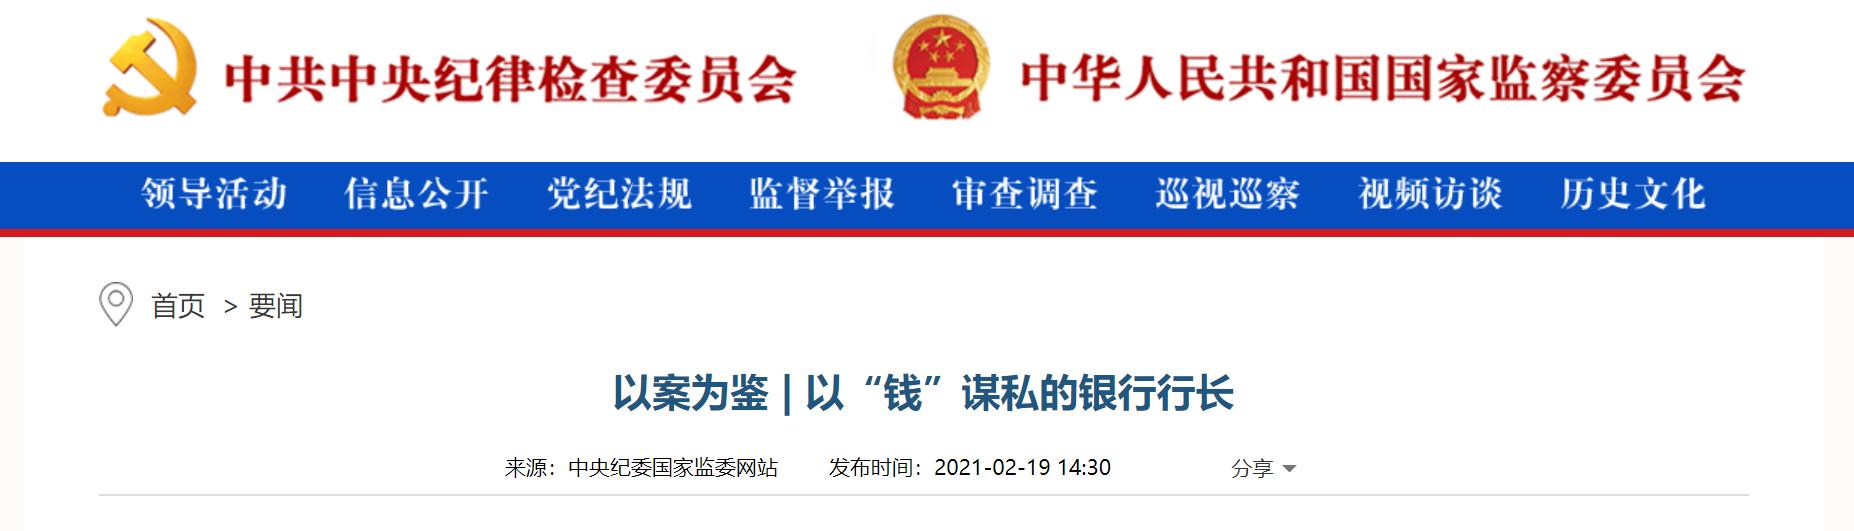 原烟台银行行长受贿720余万 违规放贷致超9000万元贷款逾期